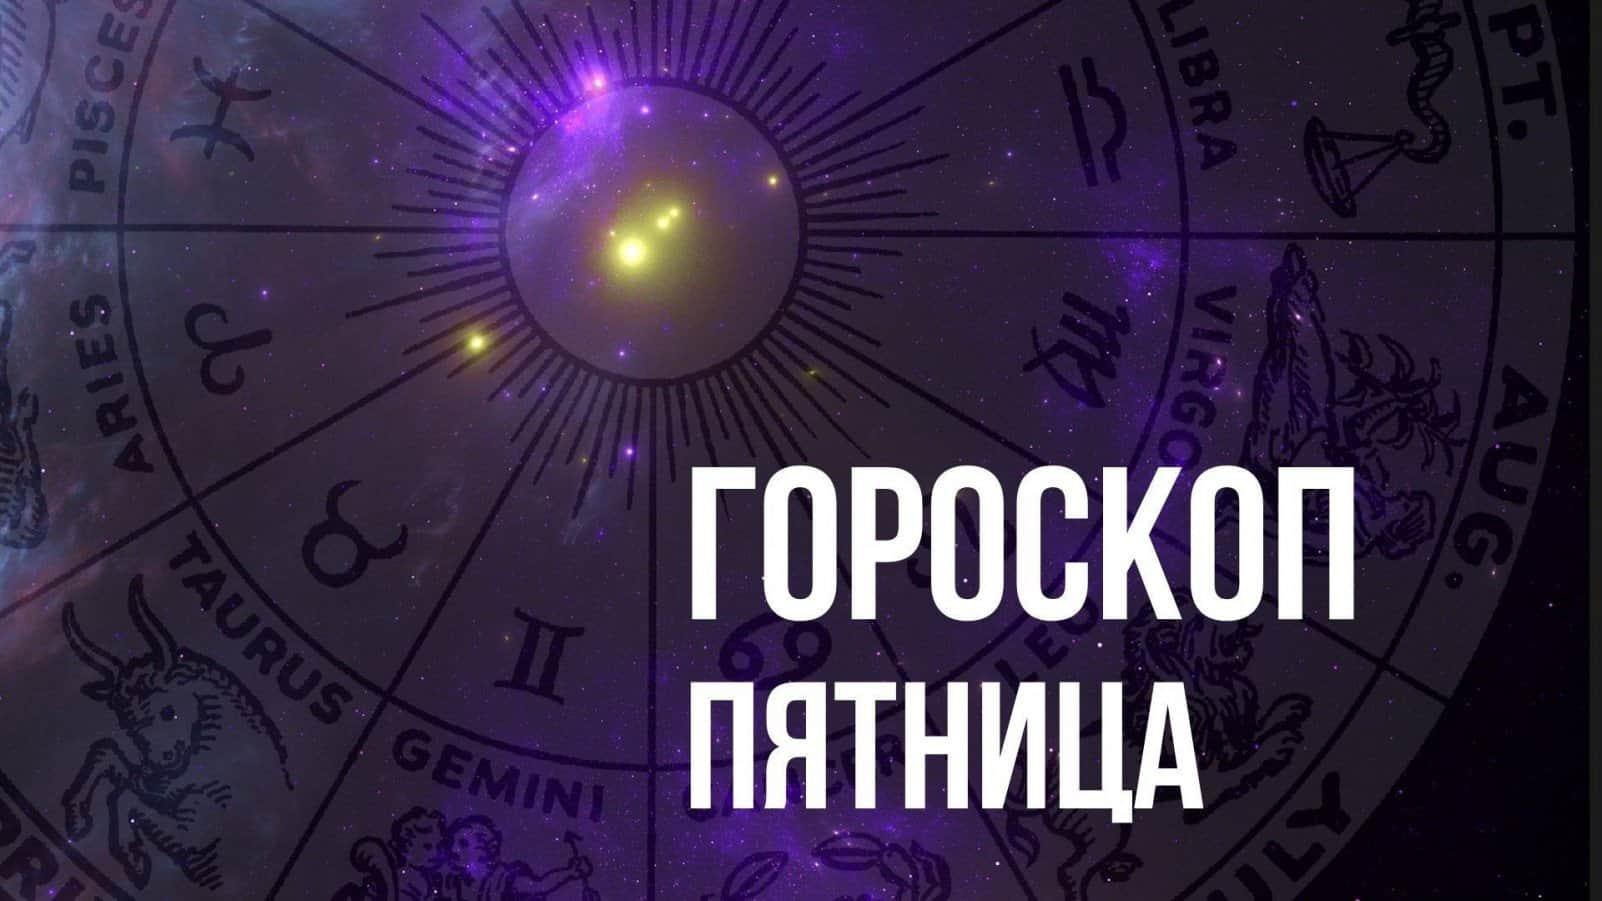 Гороскоп на пятницу 4 июня для каждого знака Зодиака